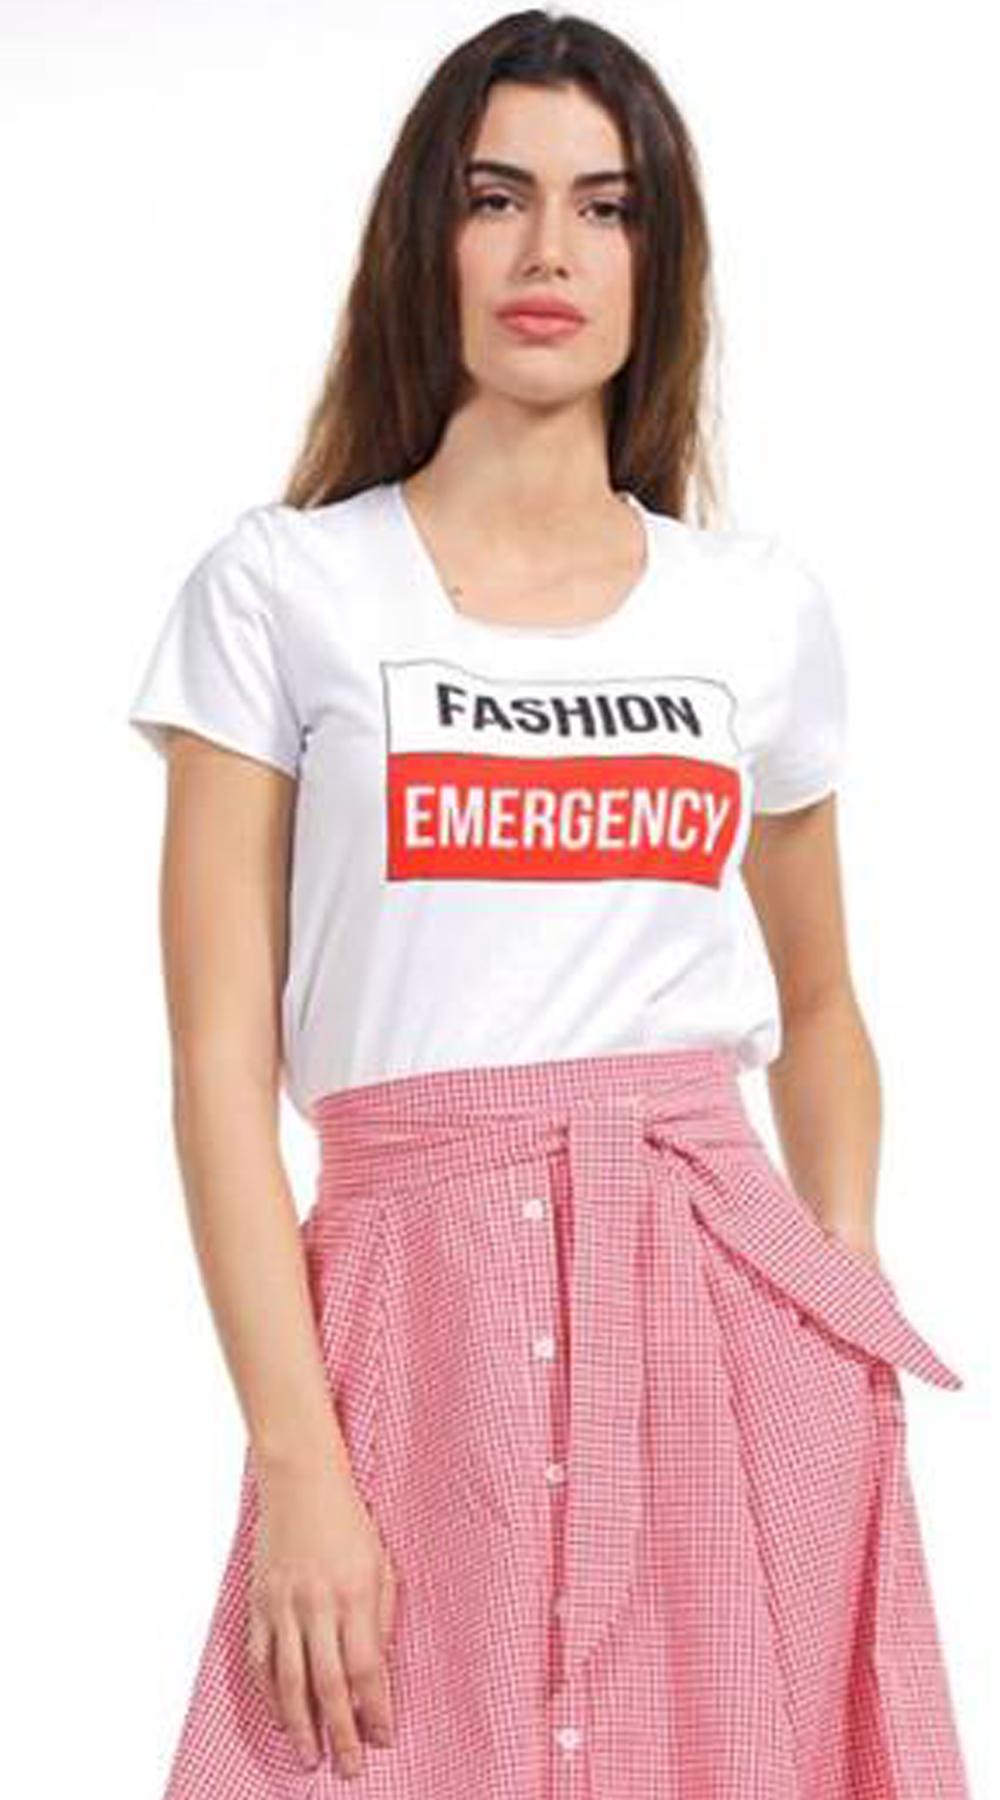 Γυναικείο basic t-shirt Fashion Emergency - Greek Brands - SP18NA-11073 μπλούζες   t shirts basic t shirts